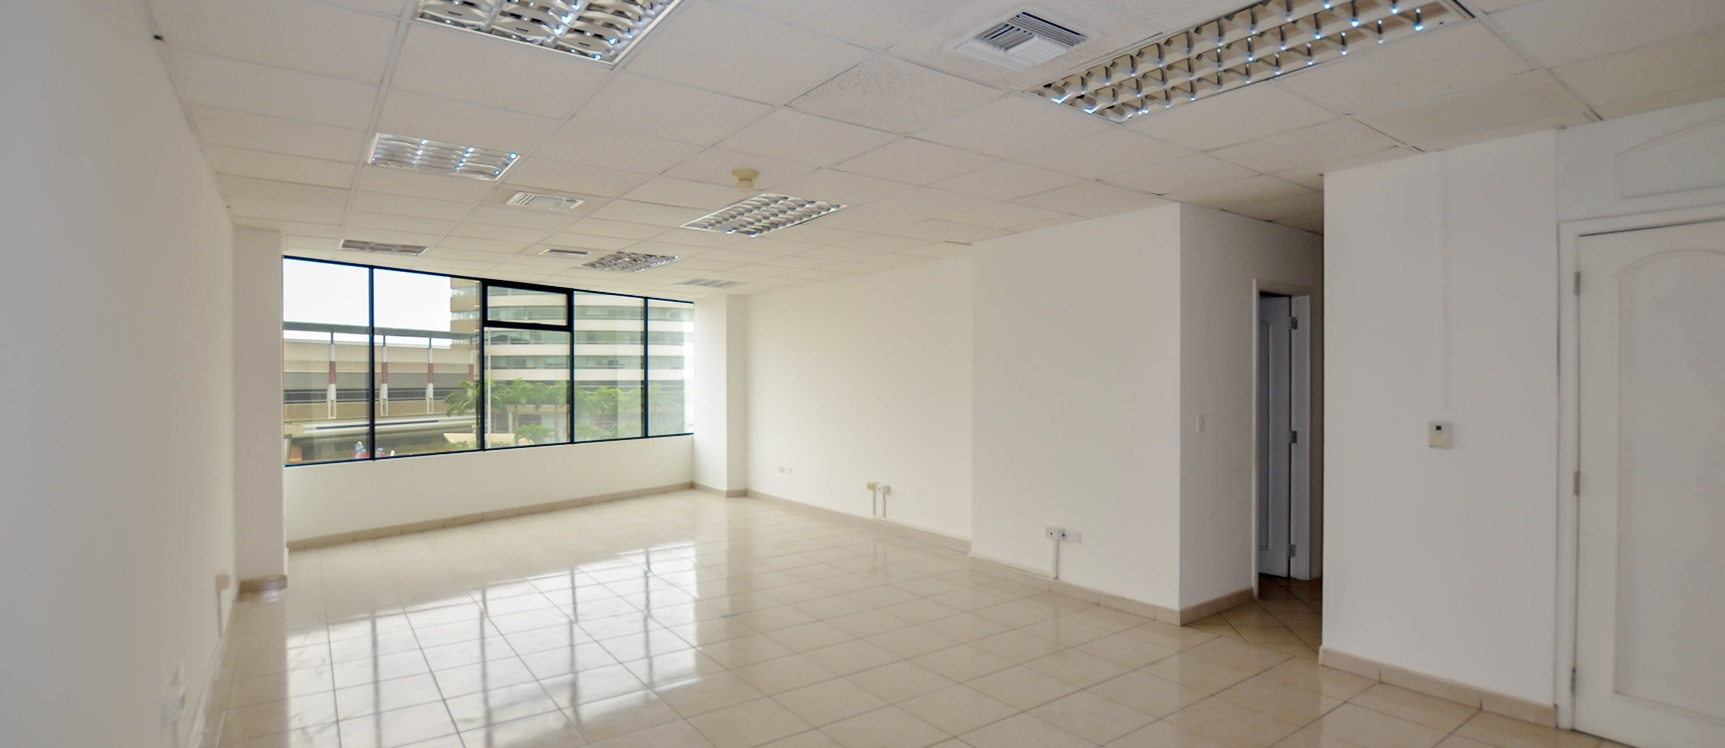 GeoBienes - Oficina en Alquiler Edificio Executive Center Norte de Guayaquil - Plusvalia Guayaquil Casas de venta y alquiler Inmobiliaria Ecuador